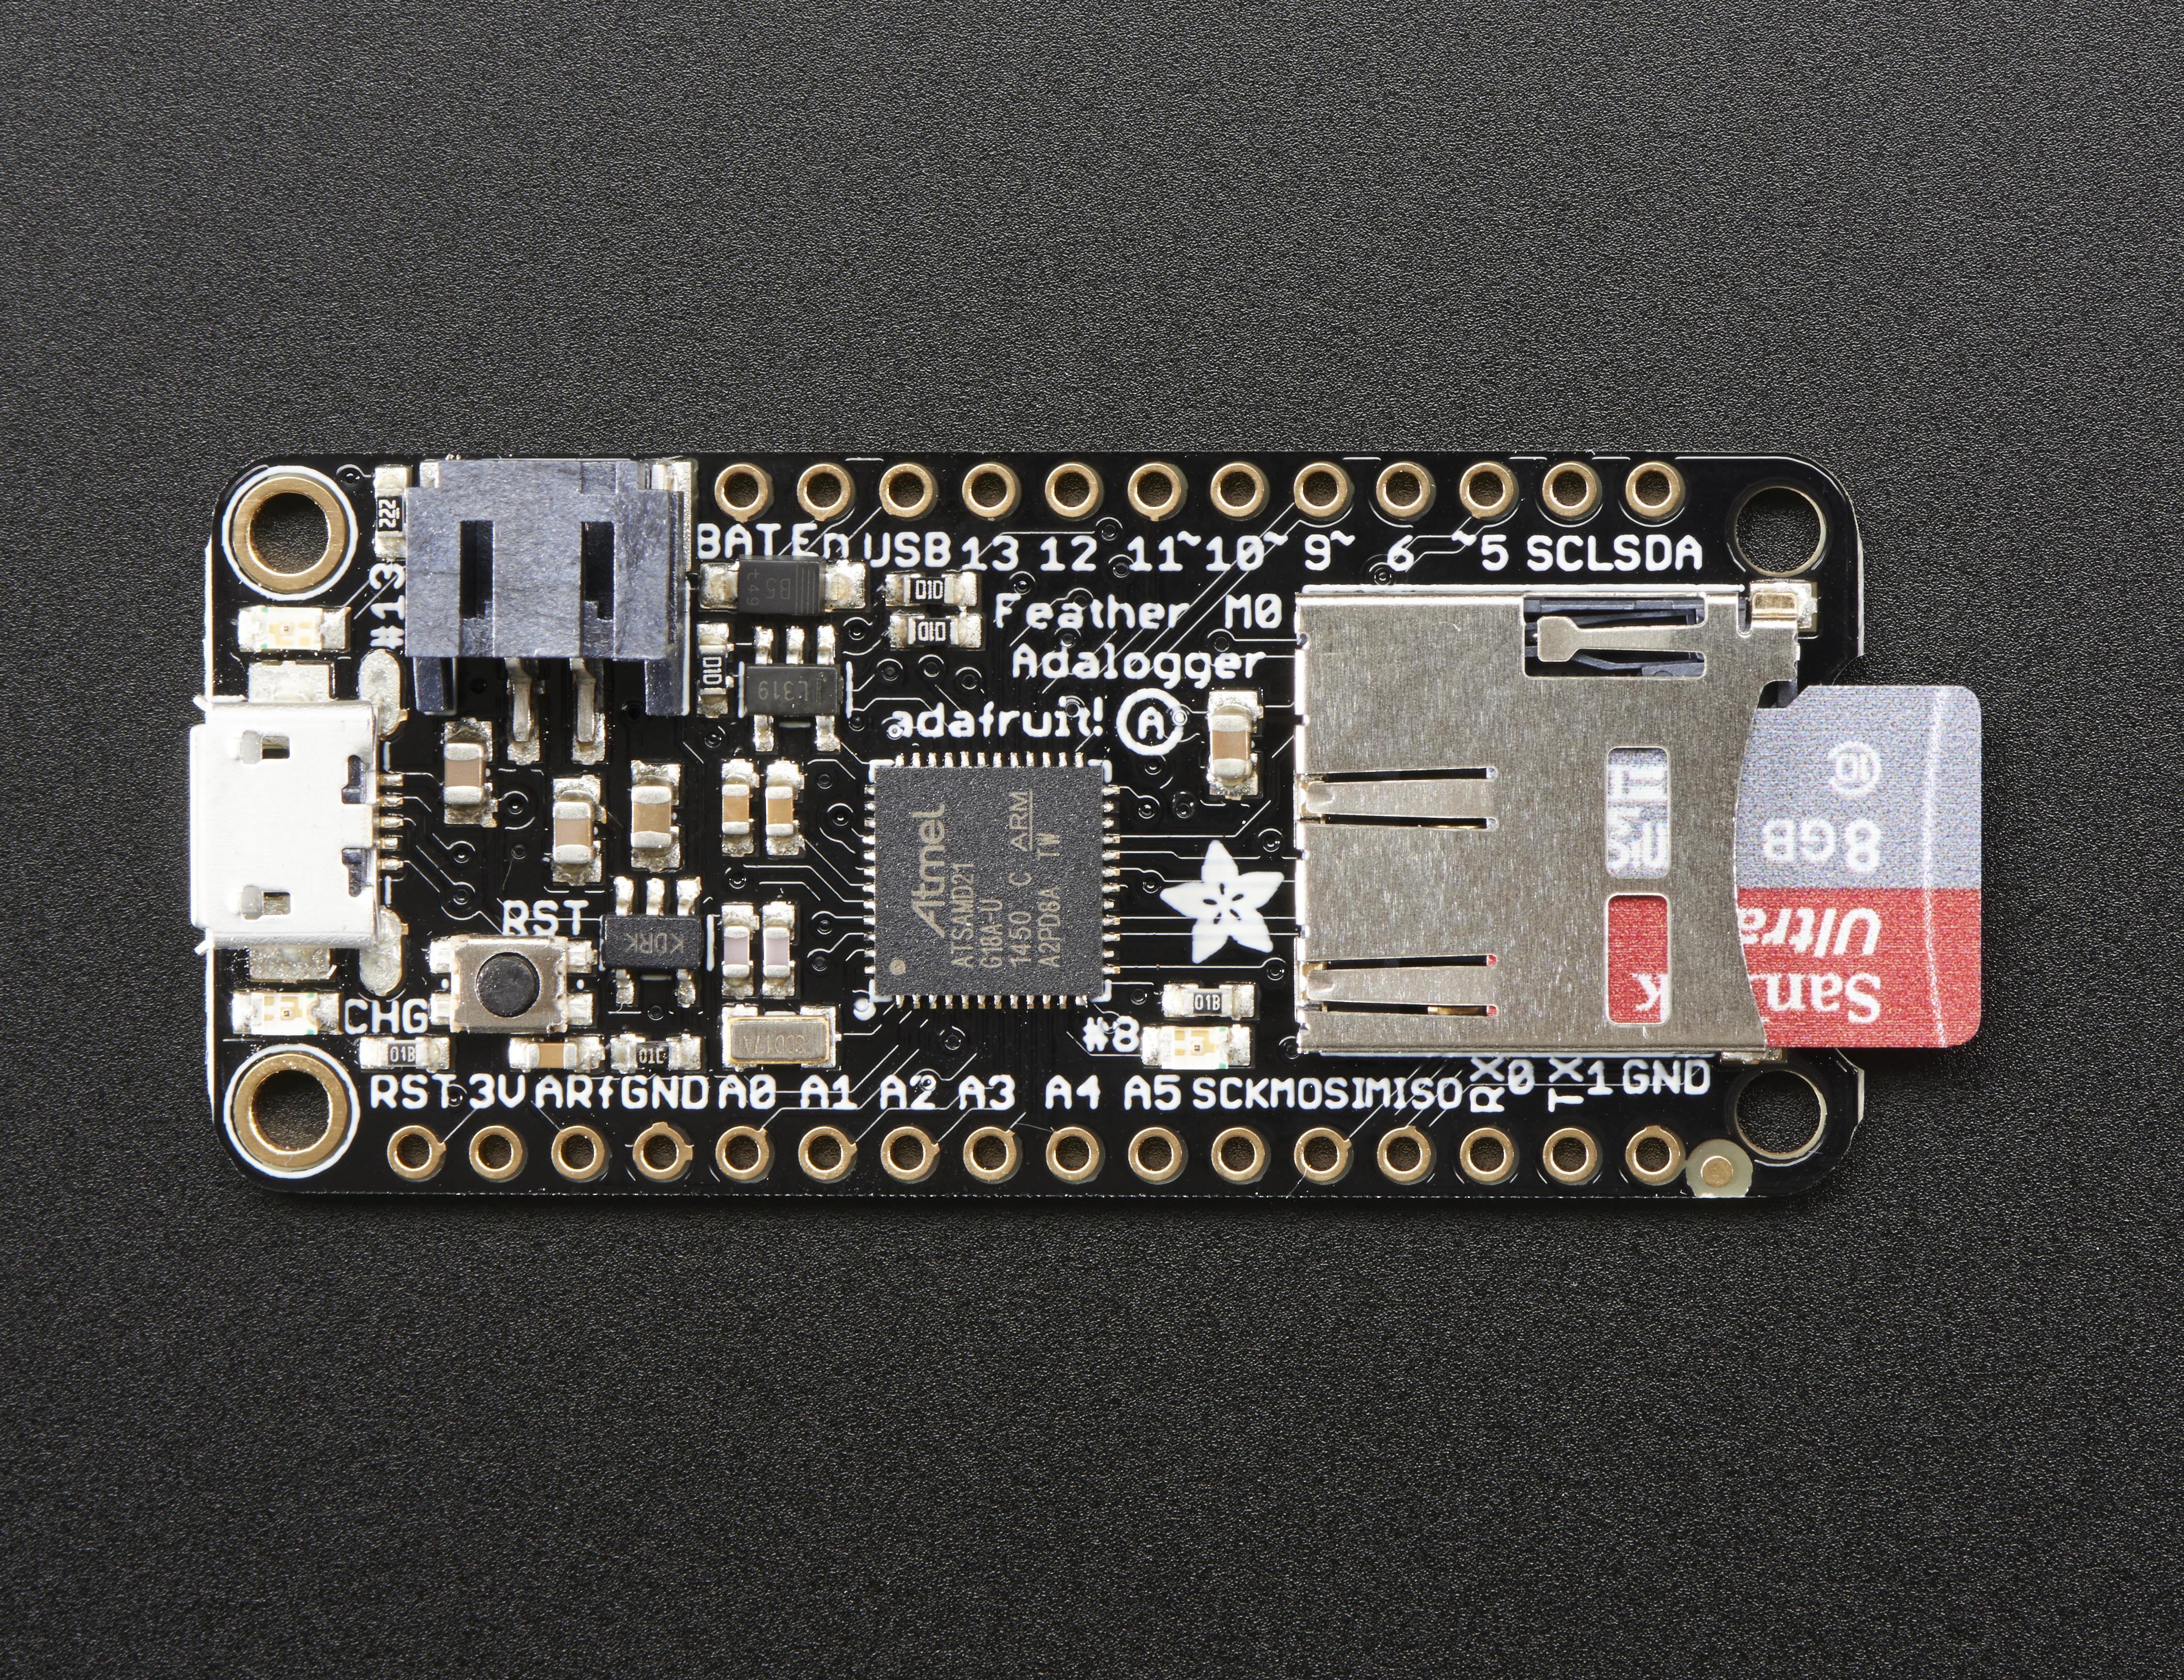 adafruit_products_2796_top_alt_02_ORIG.jpg